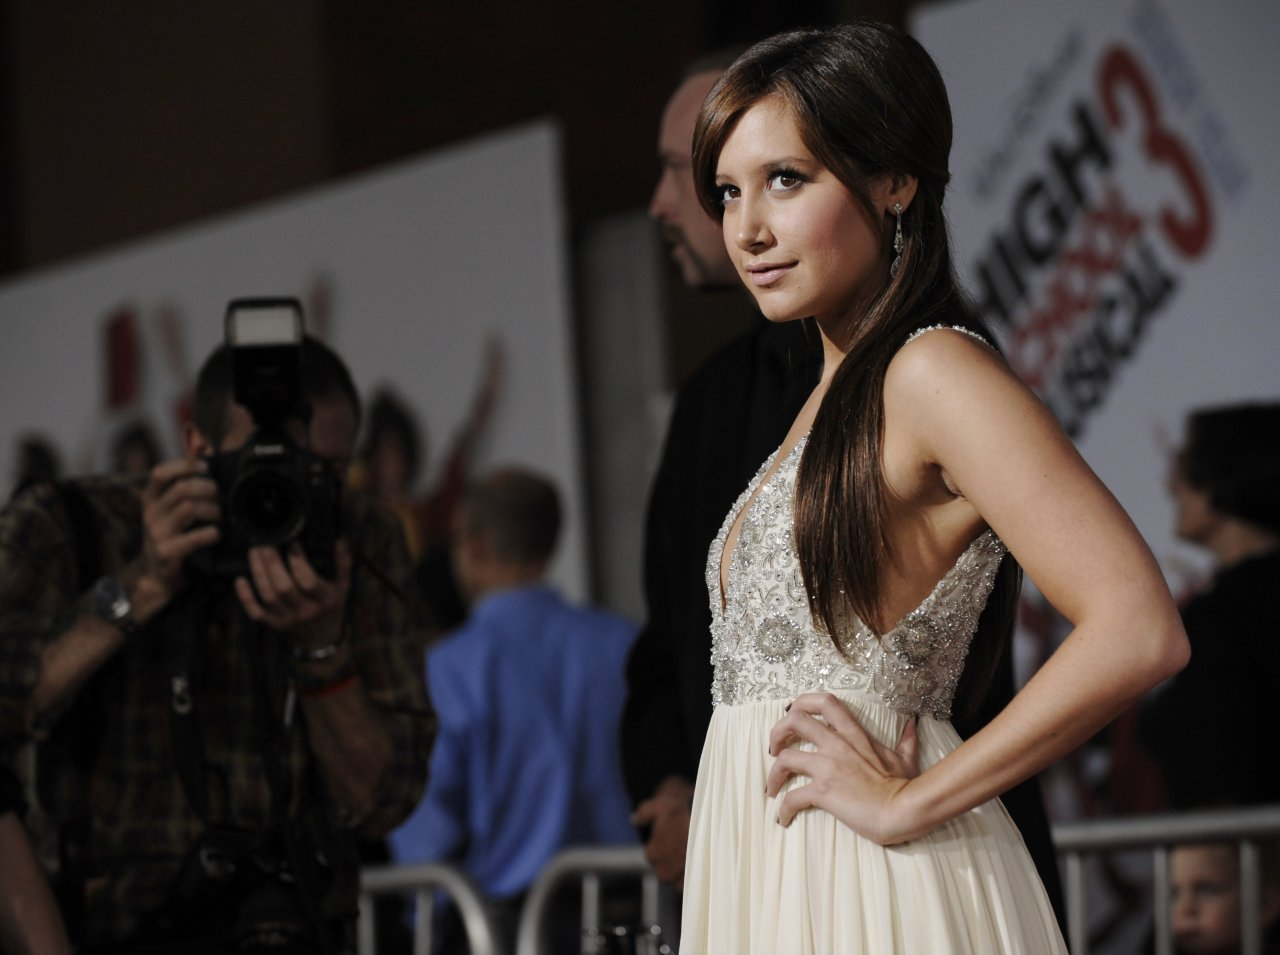 Эшли Тисдейл (Ashley Tisdale) - фильмография, все фильмы, фото